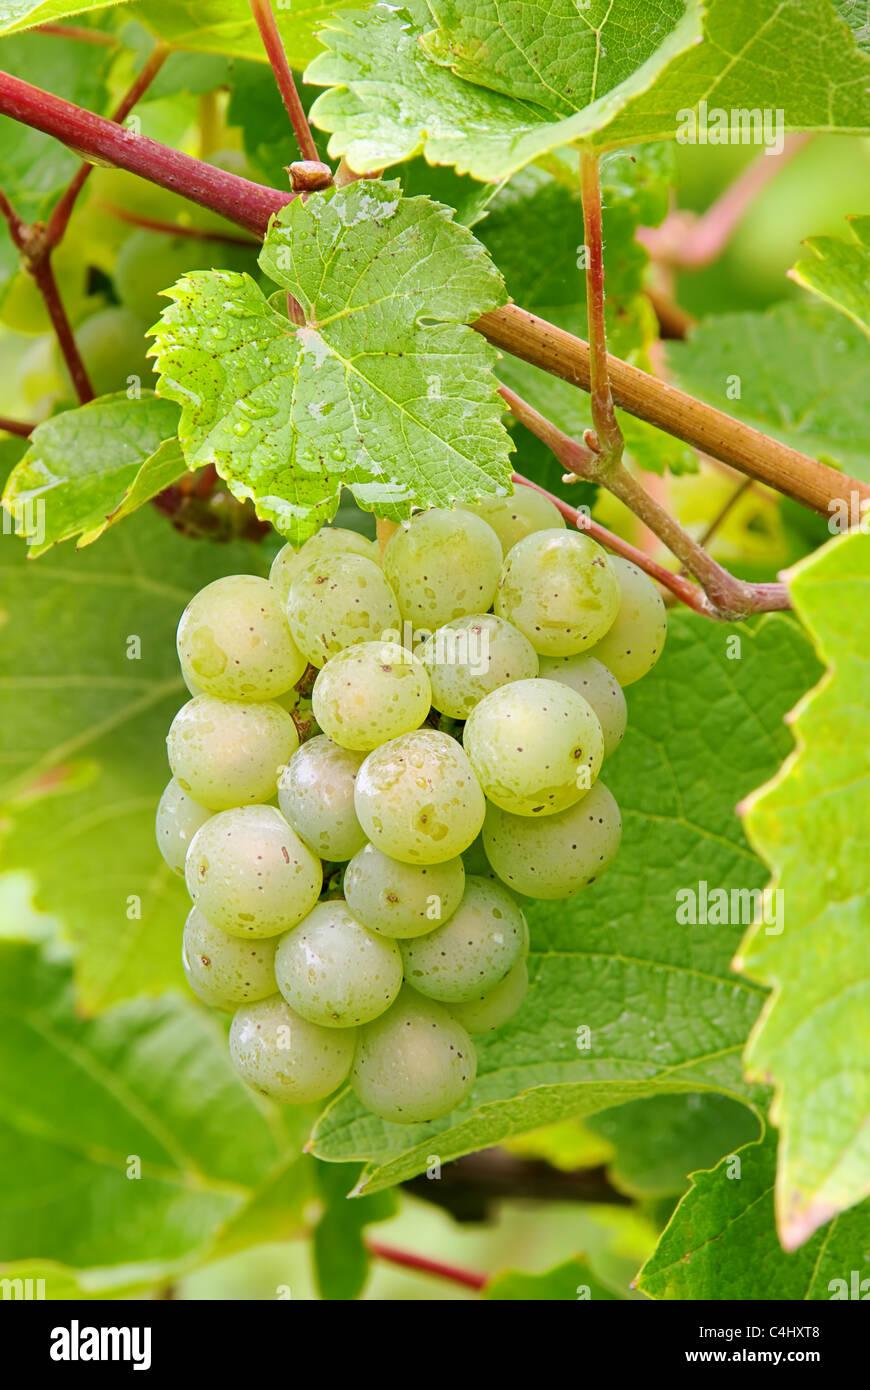 Weintraube weiss - grape white 03 Stock Photo